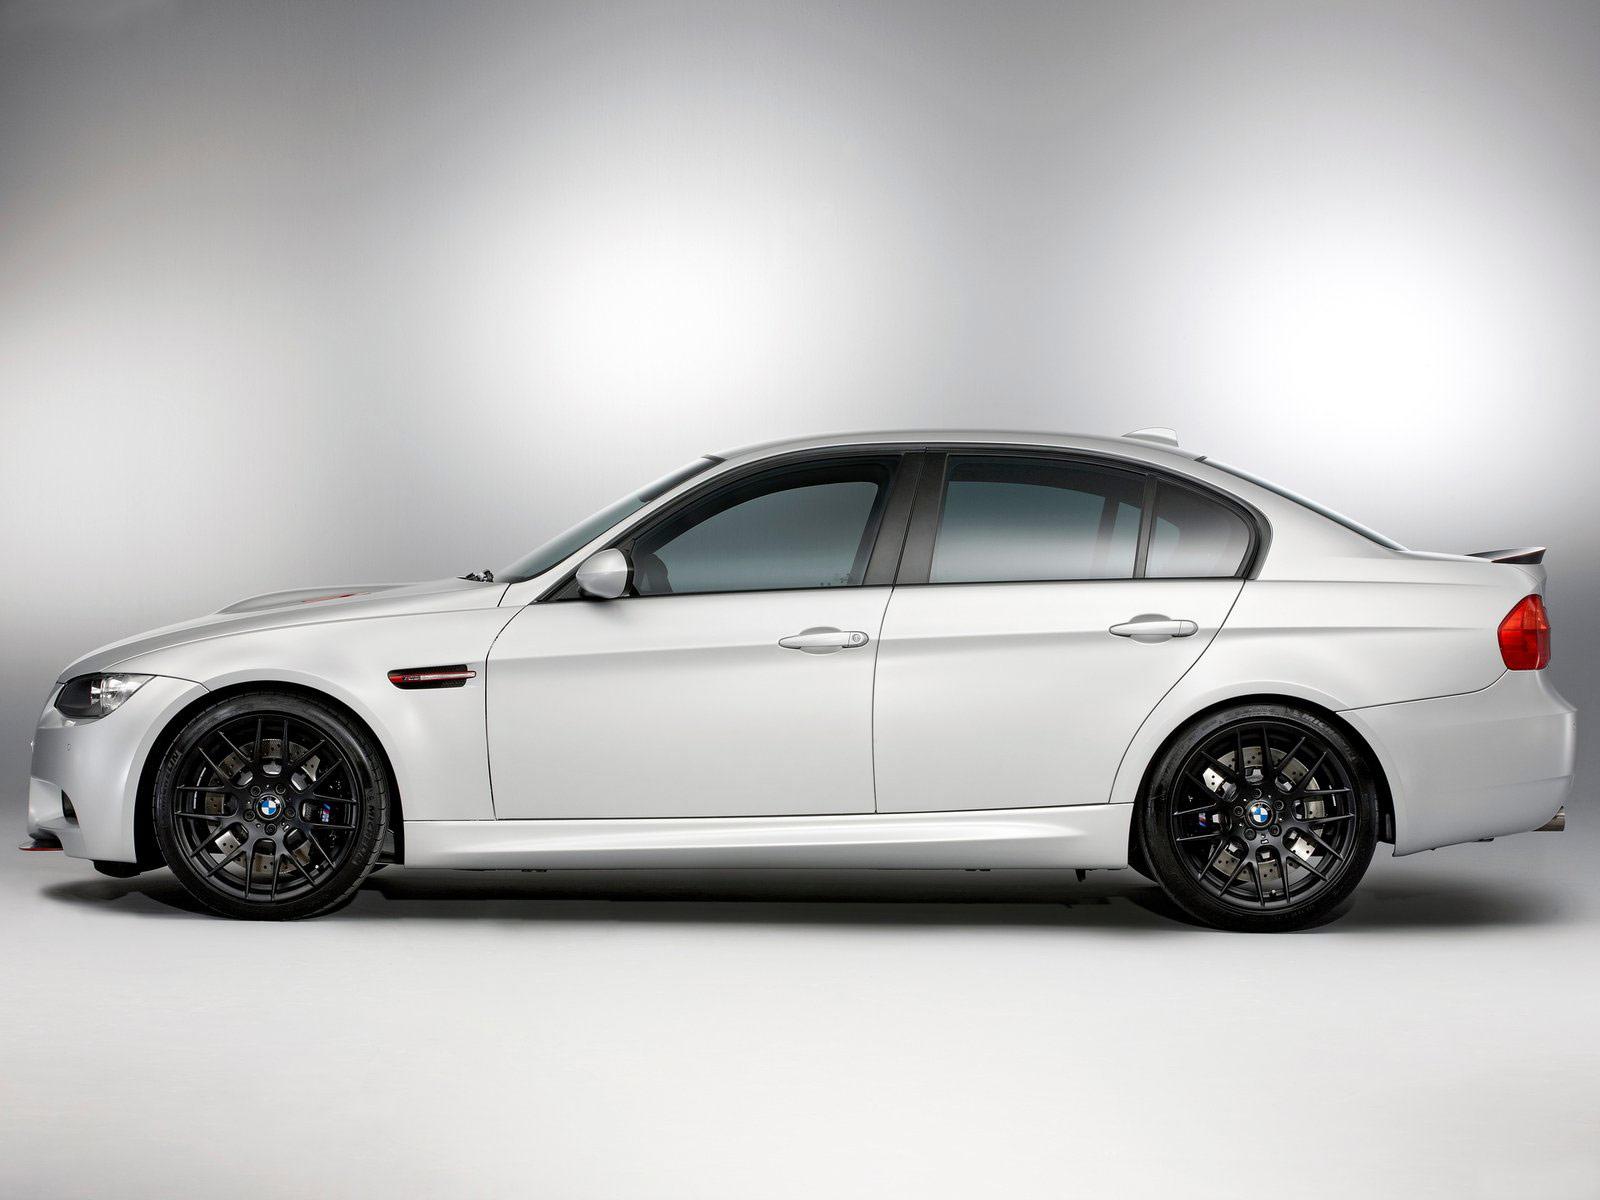 http://2.bp.blogspot.com/-AmEo3iEHoZI/Tk8qSVrv5lI/AAAAAAAAC3U/9cdN17XHxvg/s1600/BMW-M3_CRT_2012_bmw-desktop-wallpaper_5.jpg